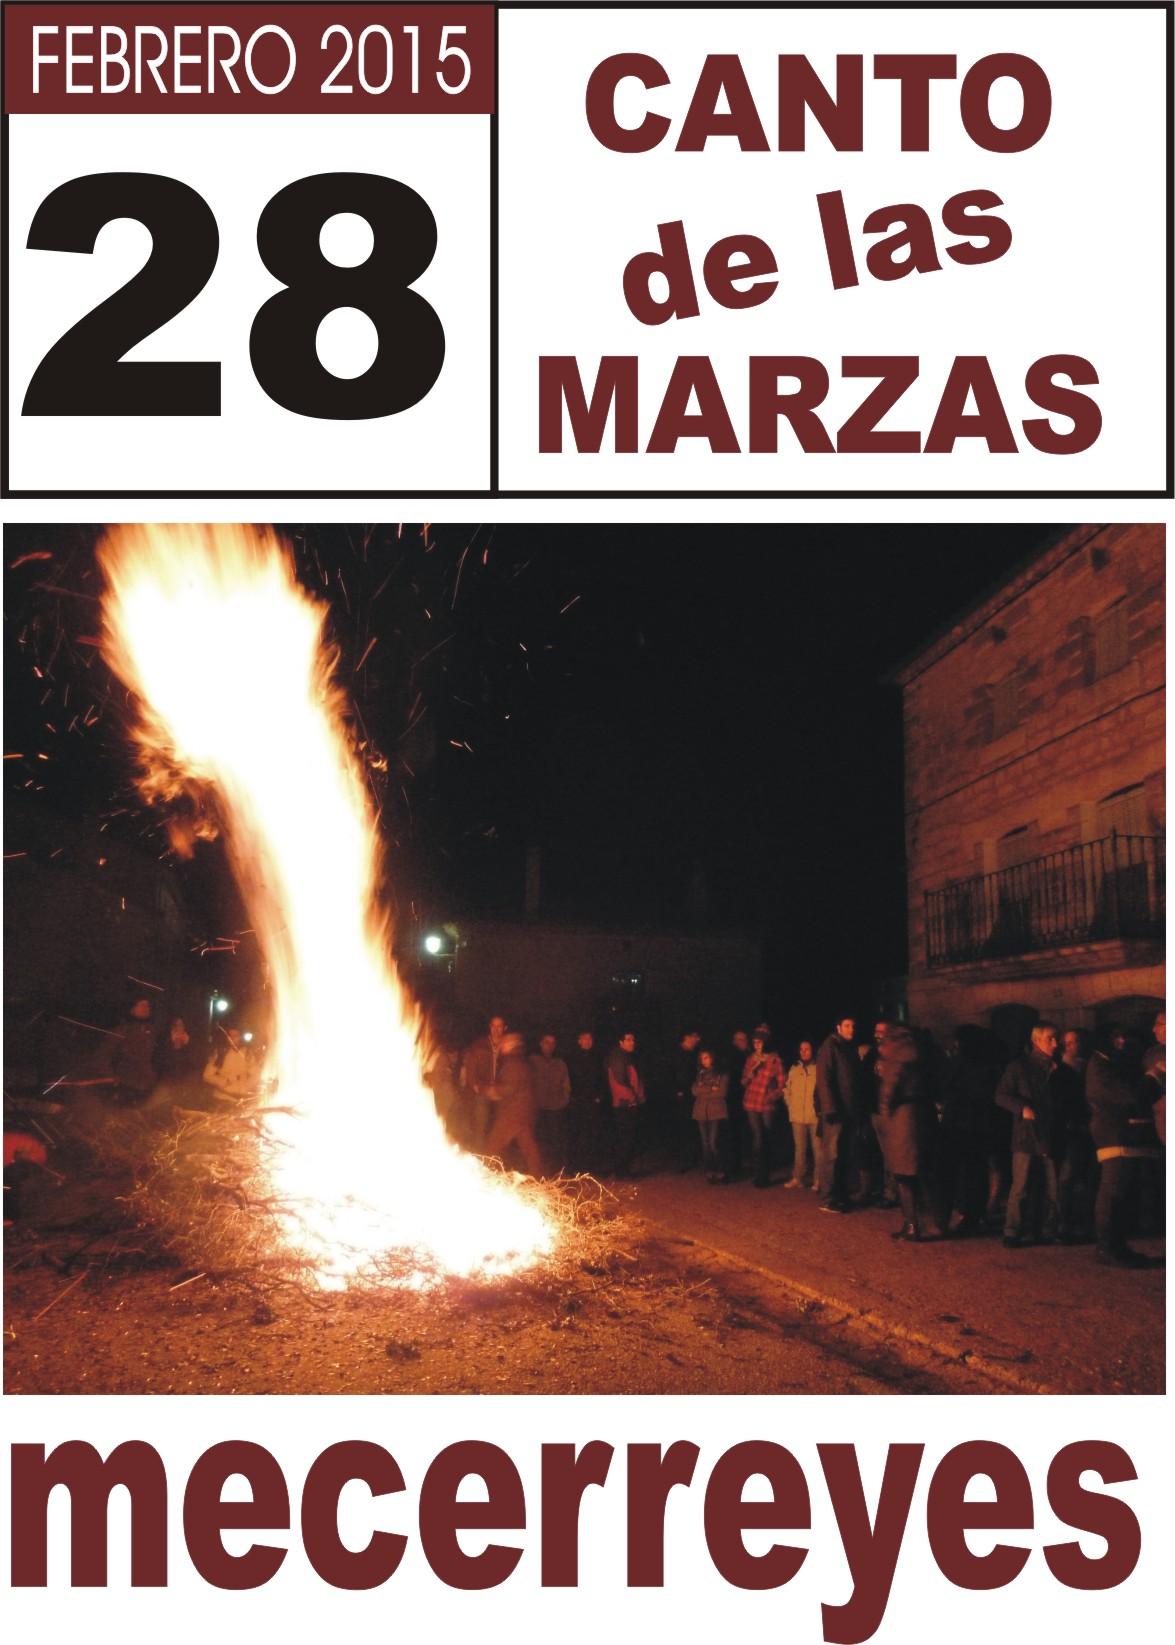 Mecerreyes, Fecha Marzas 2015